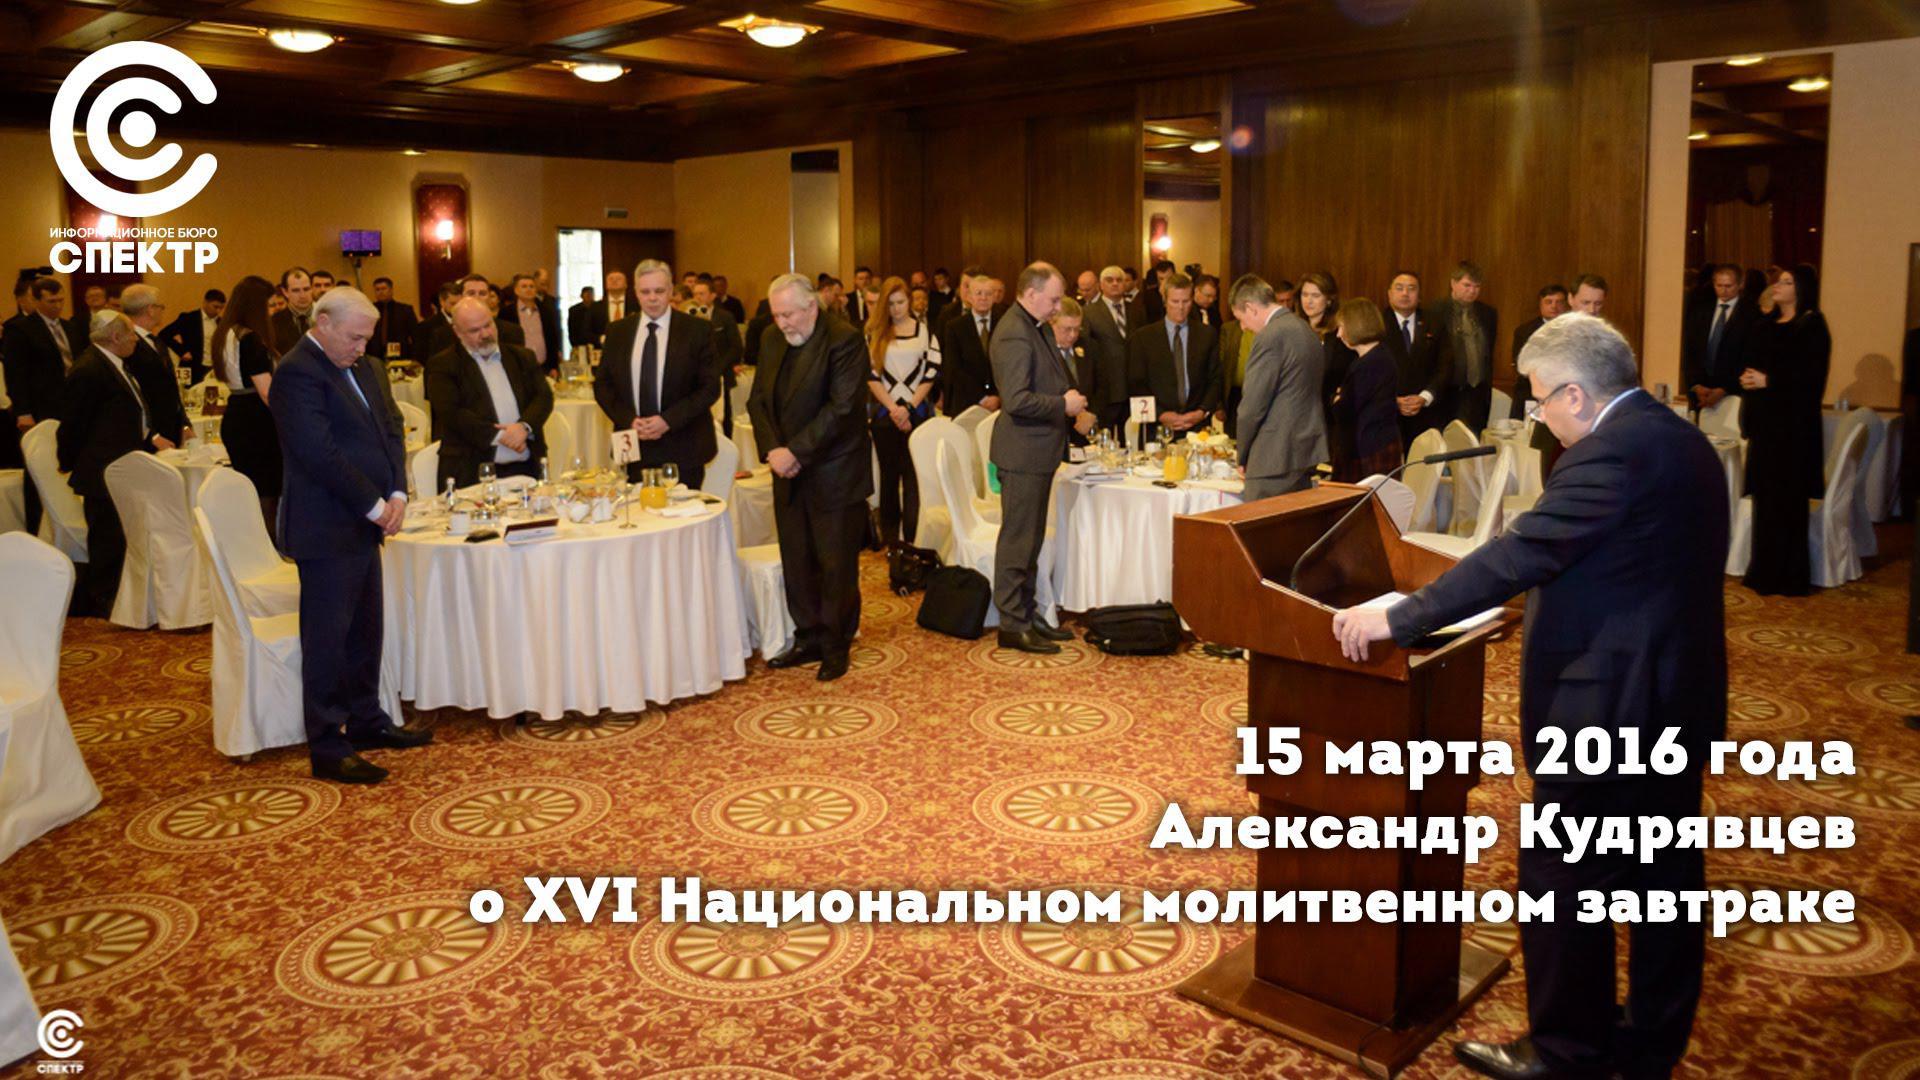 Embedded thumbnail for Александр Кудрявцев о XVI Национальном молитвенном завтраке 15 марта 2016 года